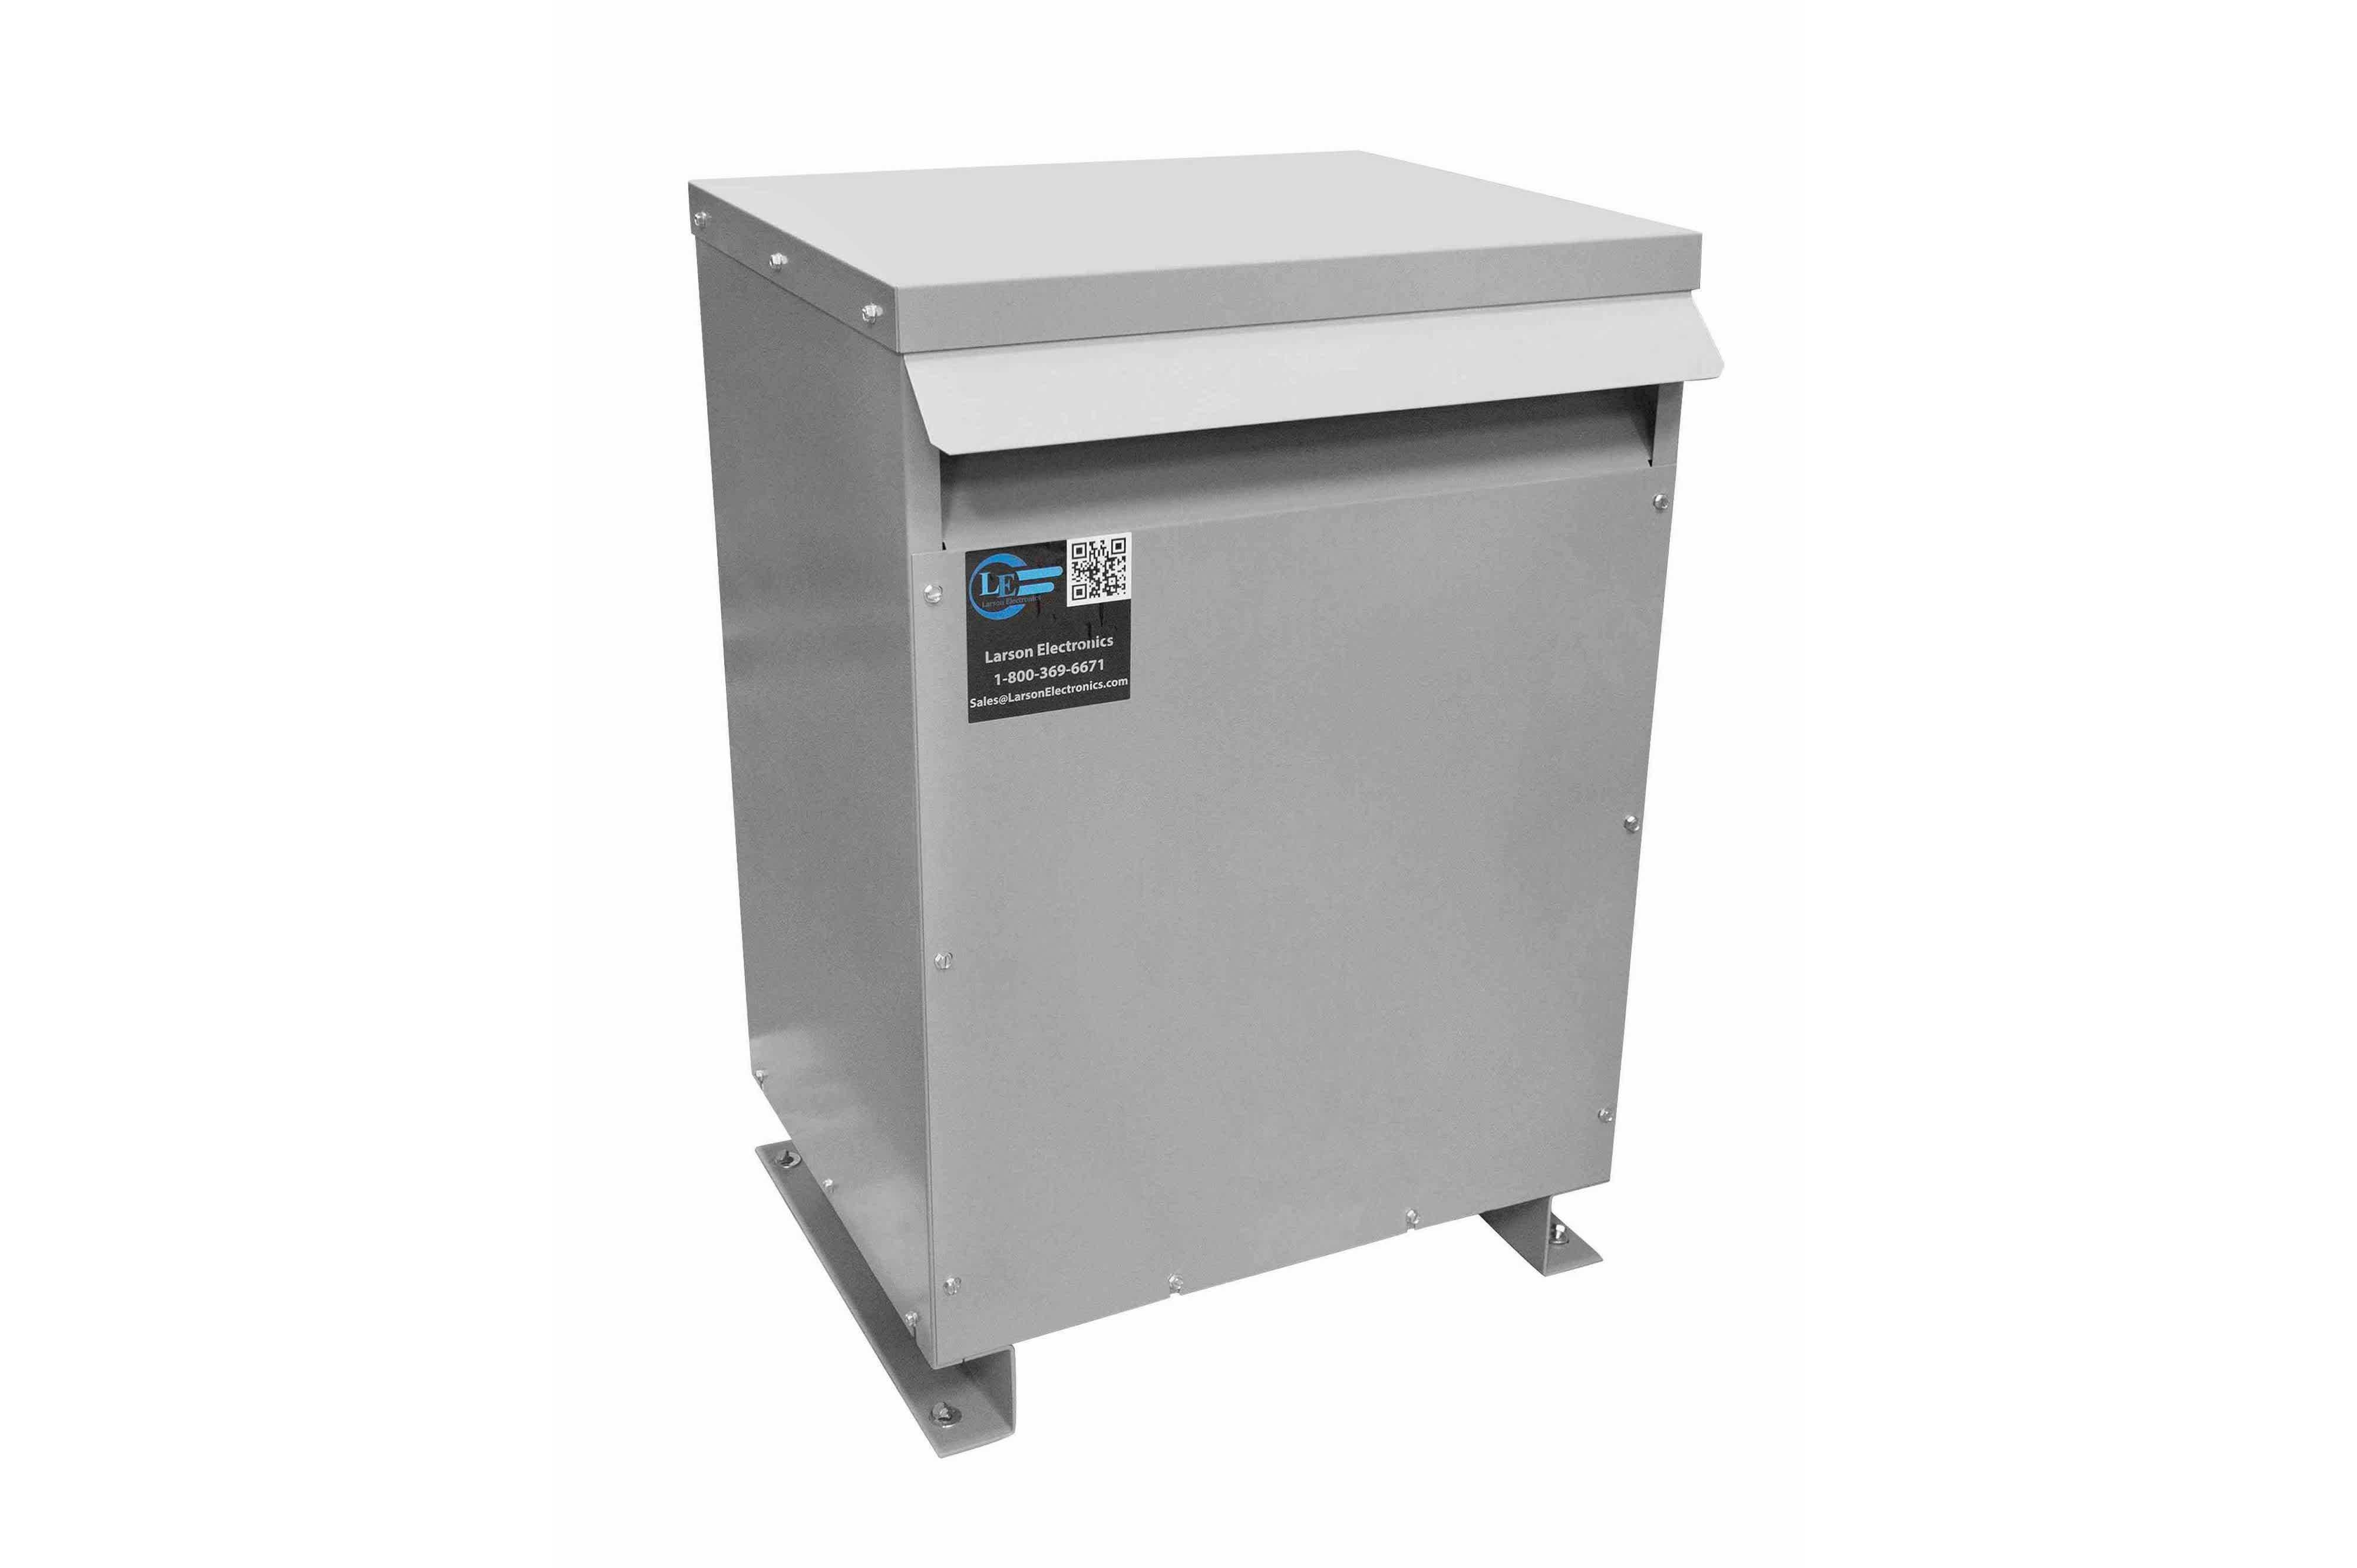 700 kVA 3PH Isolation Transformer, 460V Delta Primary, 415V Delta Secondary, N3R, Ventilated, 60 Hz